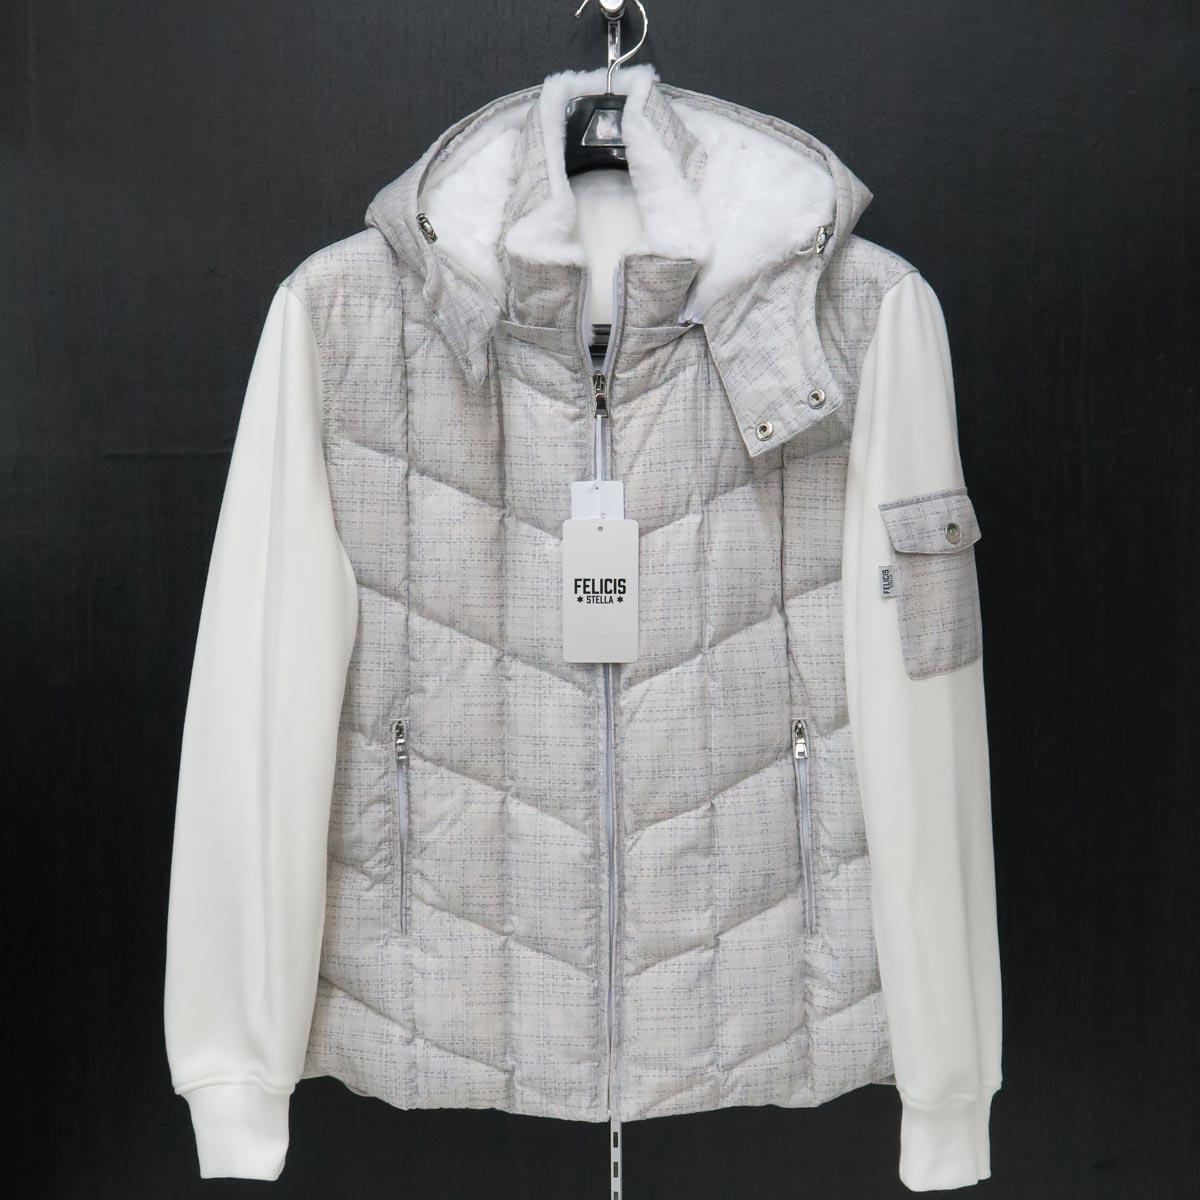 フェリシスステラ ダウンジャケット 白 50サイズ 316700-A17